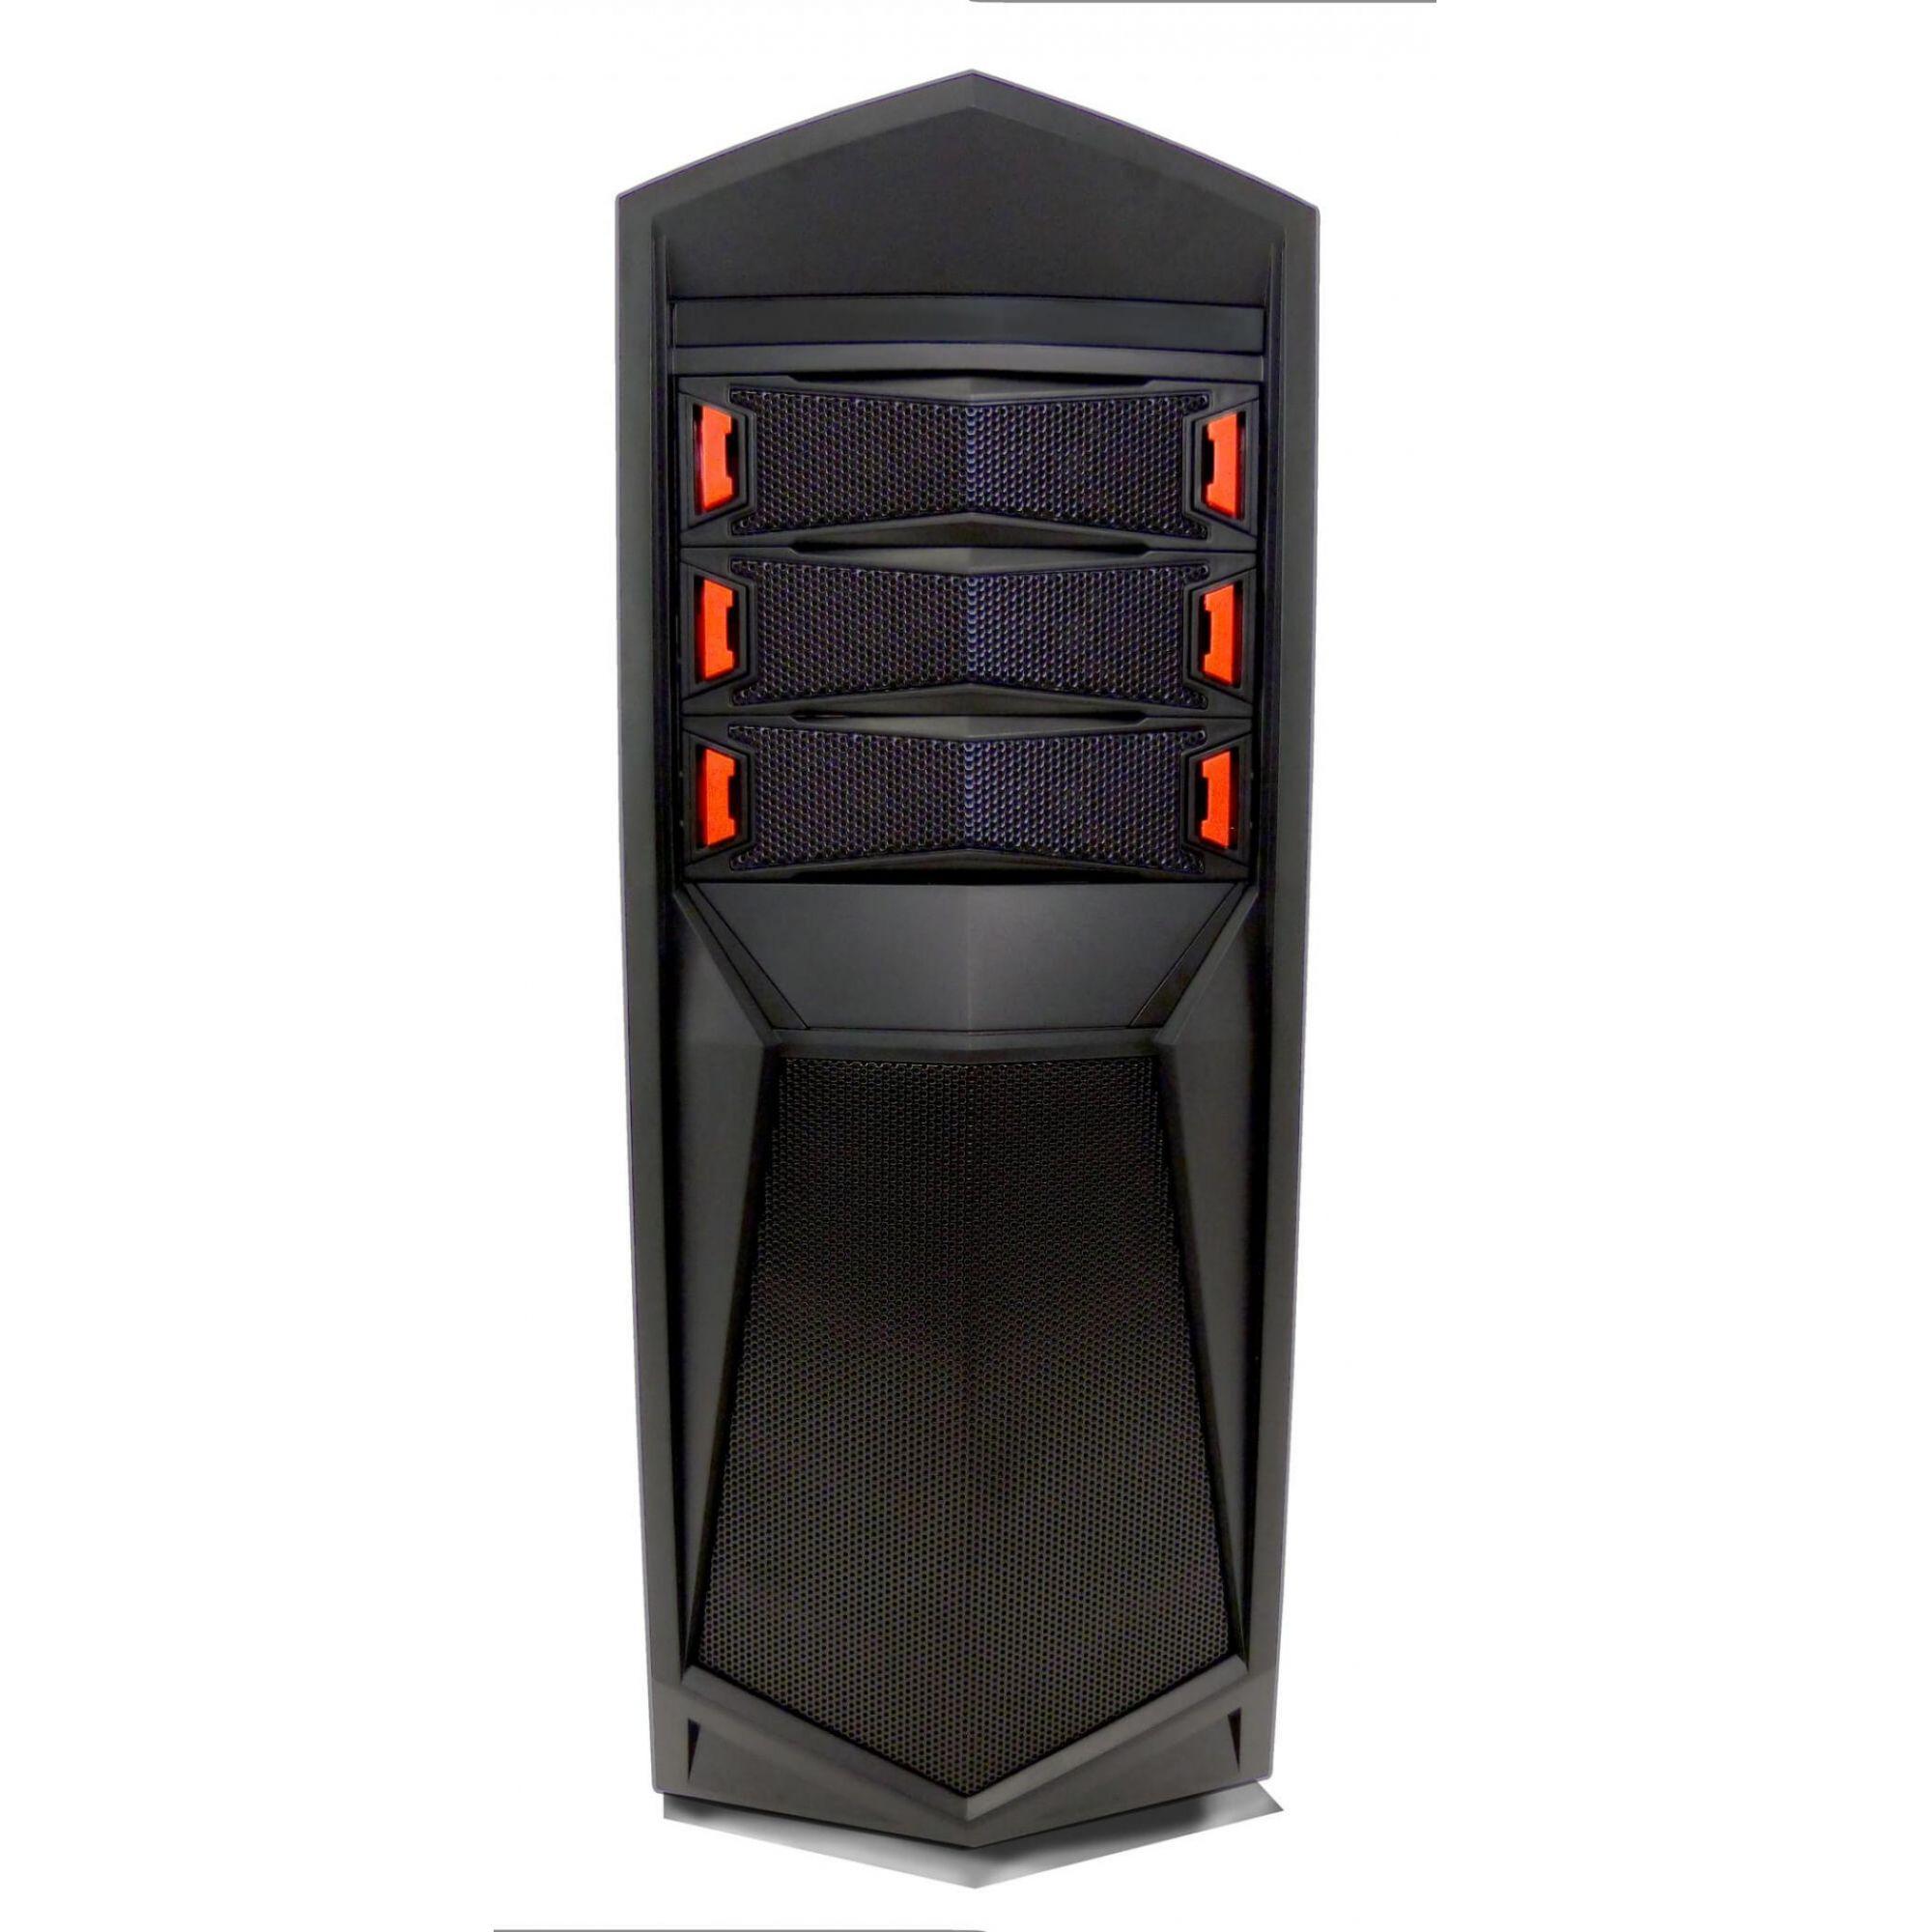 Gabinete G-Fire  HTT018B06S Gamer Preto/Vermelho 3 baias/1x USB 3.0 2x USB 2.0  - Mega Computadores